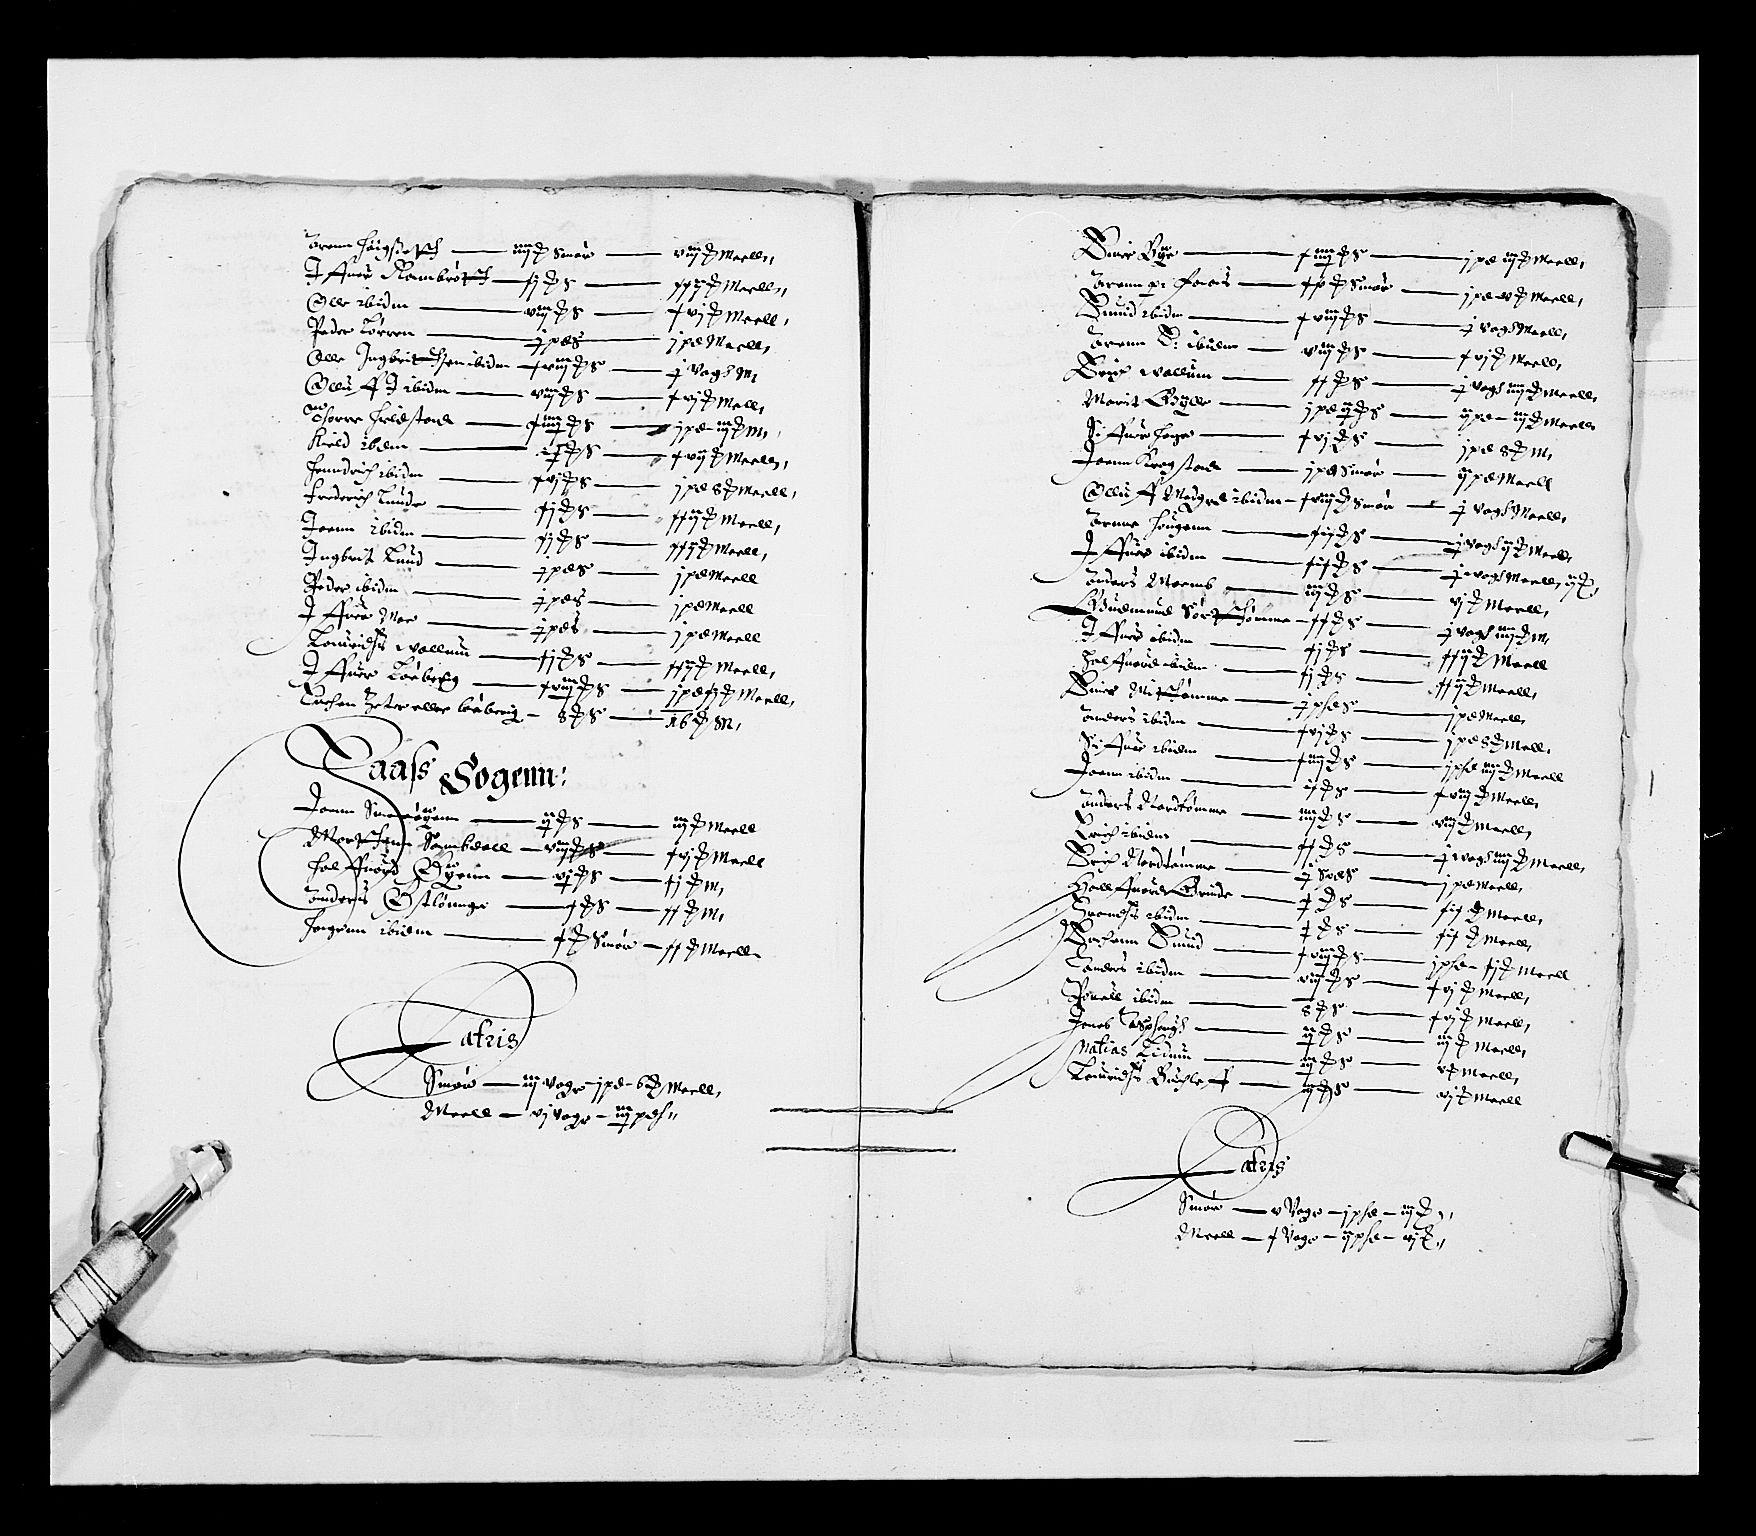 RA, Stattholderembetet 1572-1771, Ek/L0028: Jordebøker 1633-1658:, 1645-1646, s. 212